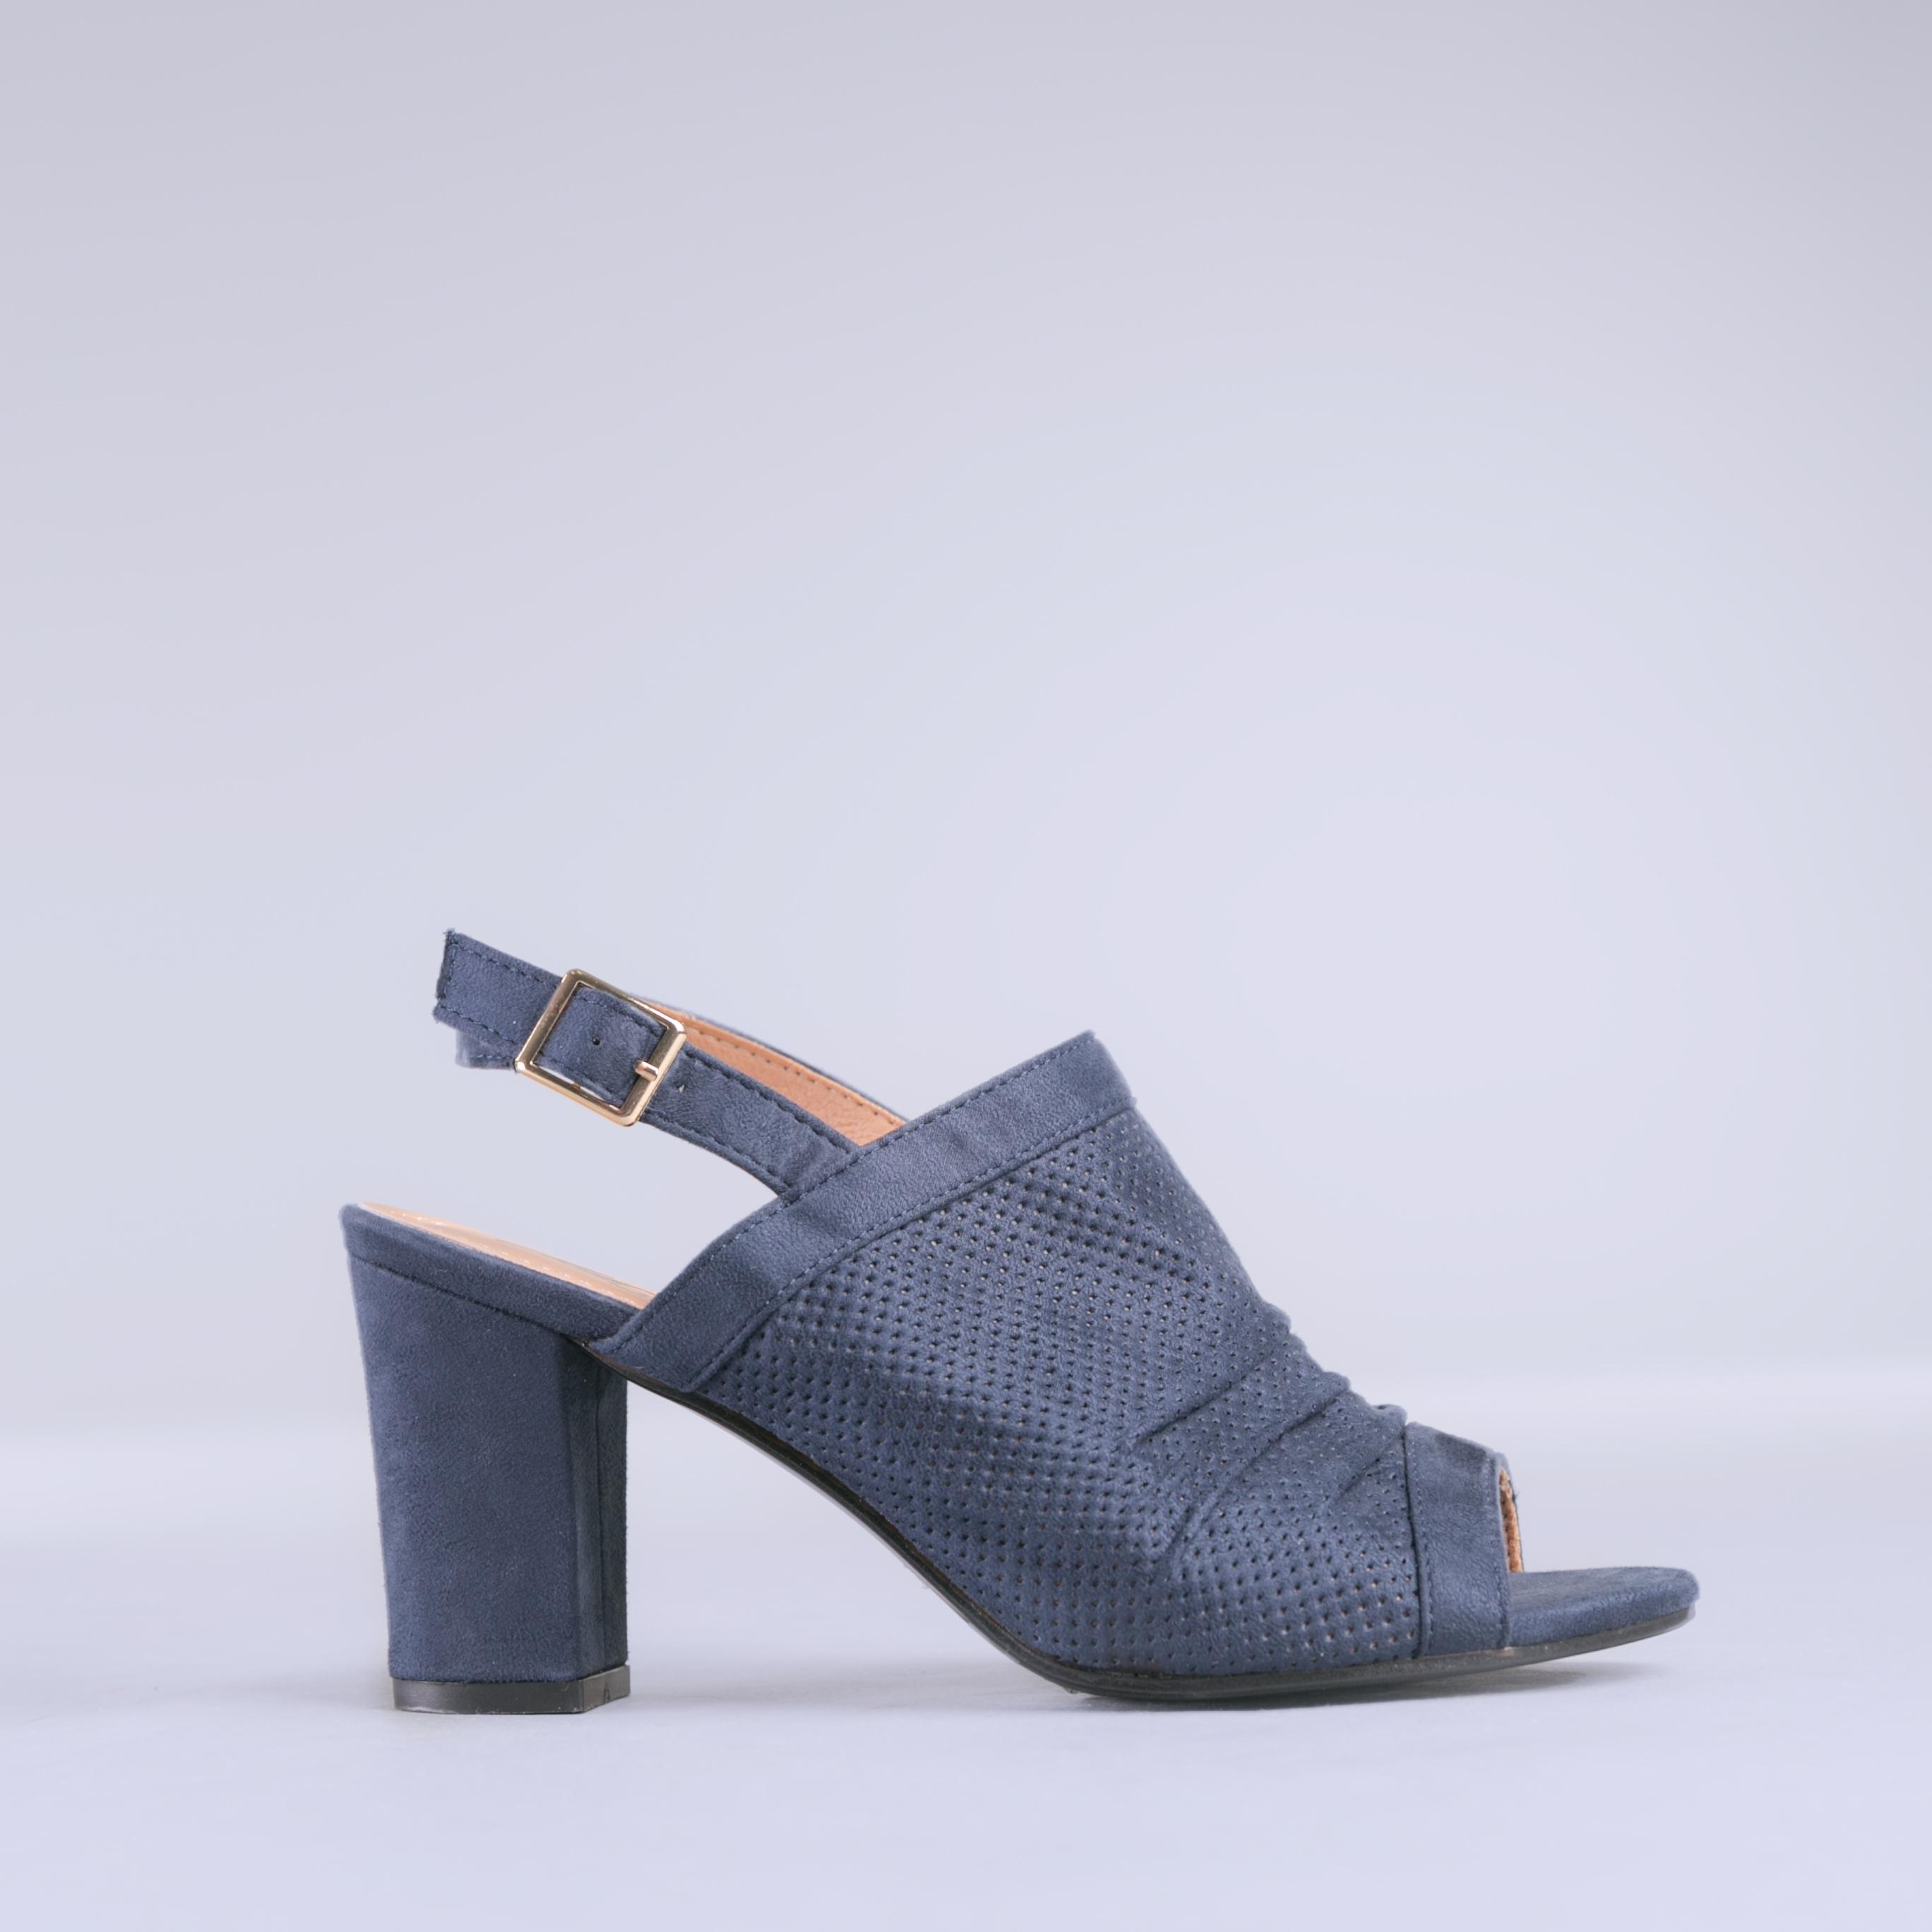 Sandale dama Magdalena negre